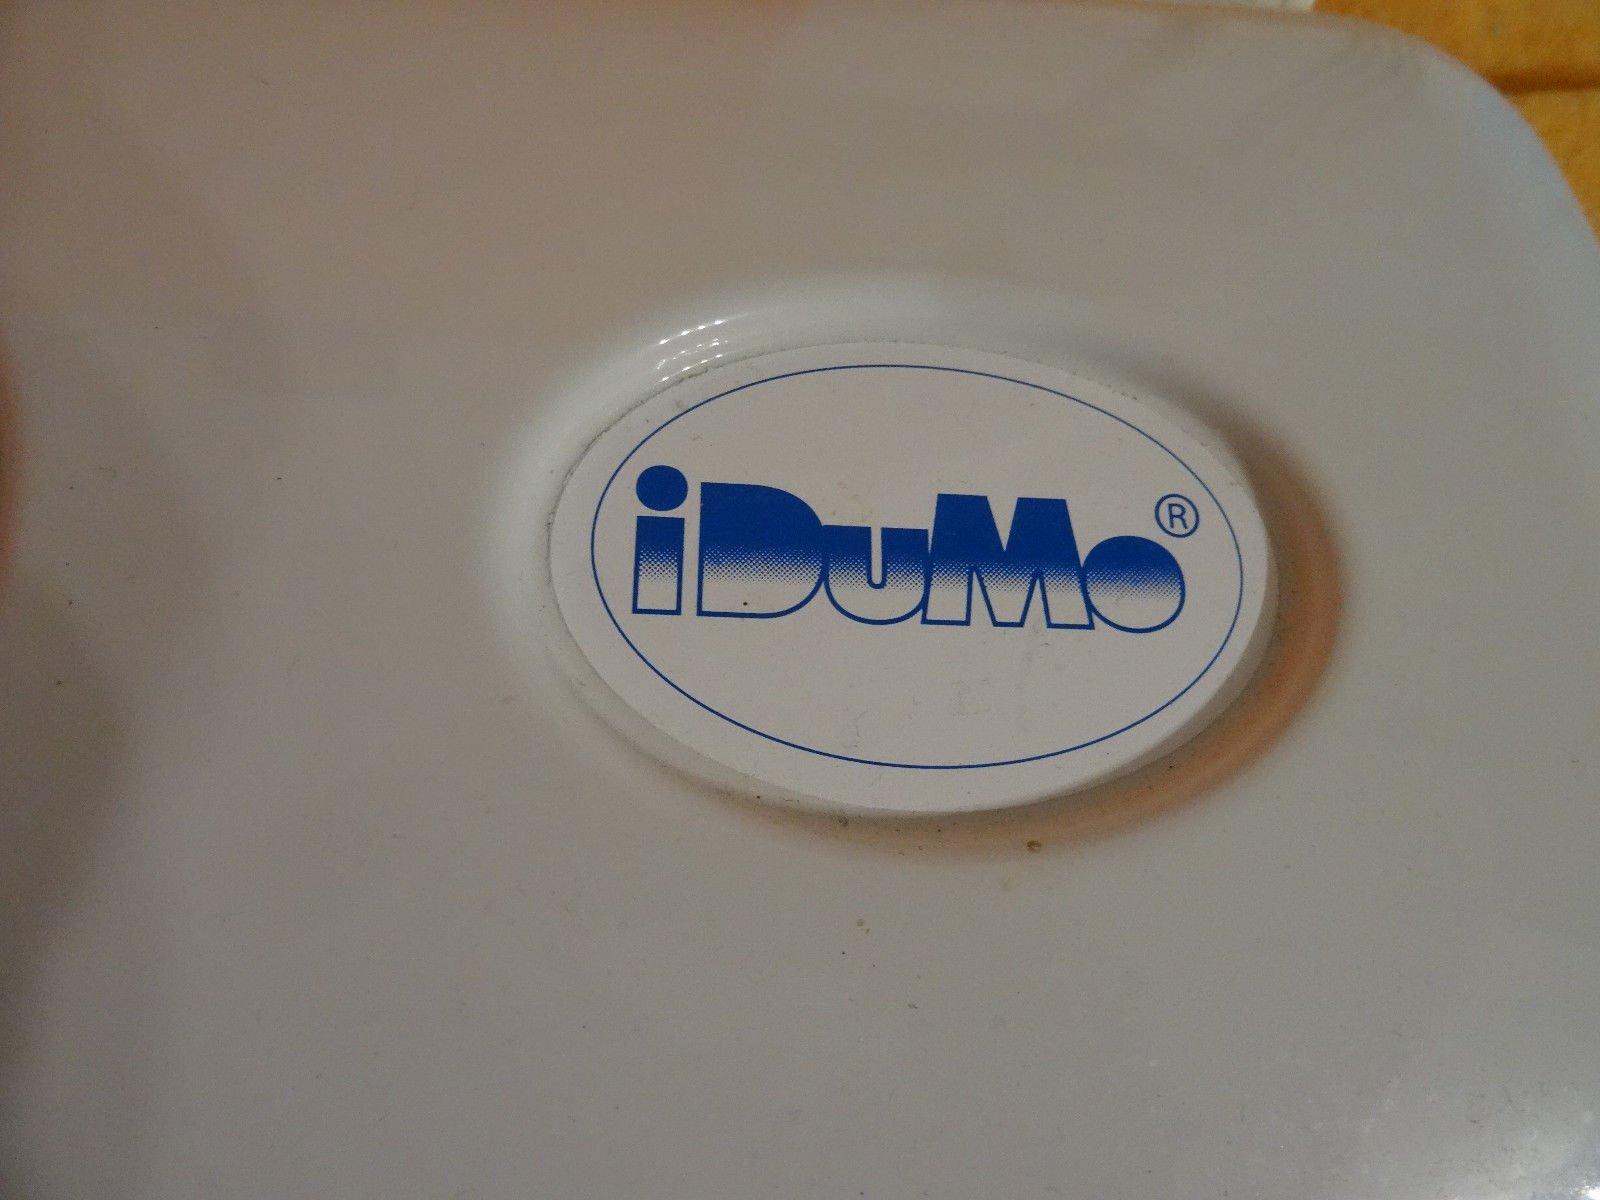 Toller IDuMo Badewannenlift 2006 aus Haushaltsauflösung H14